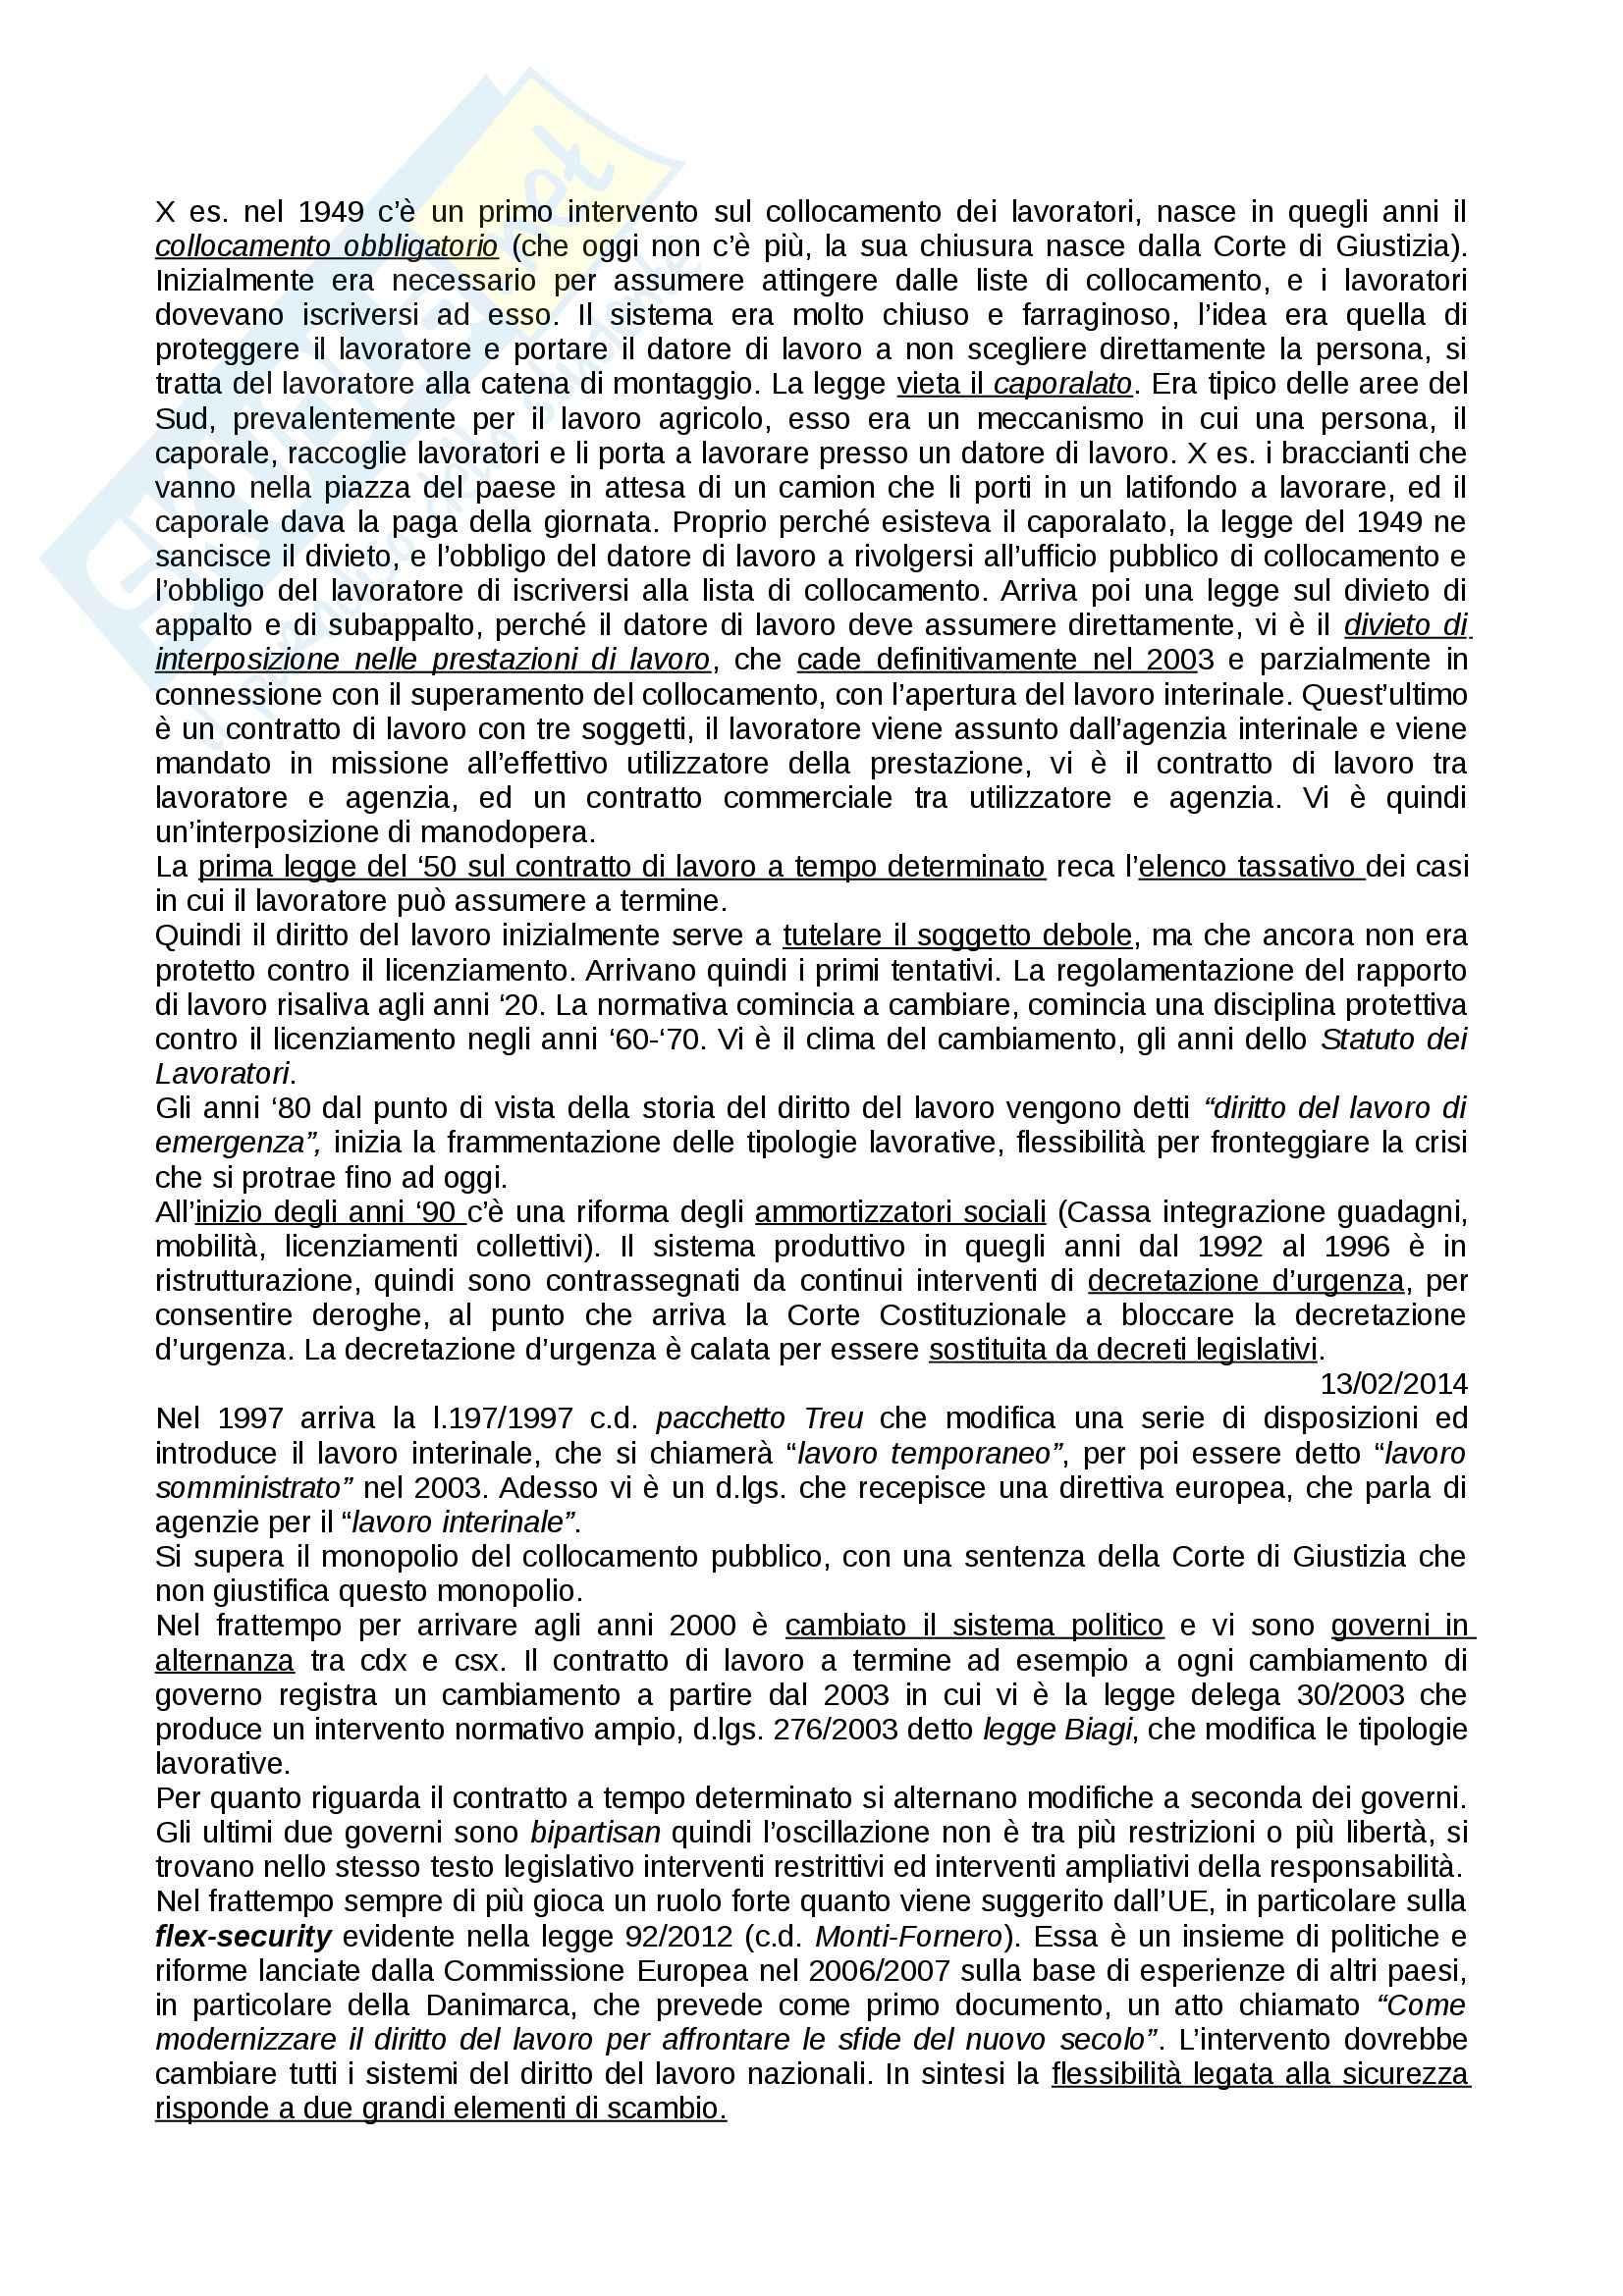 Diritto del Lavoro - Appunti seconda parte Pag. 2